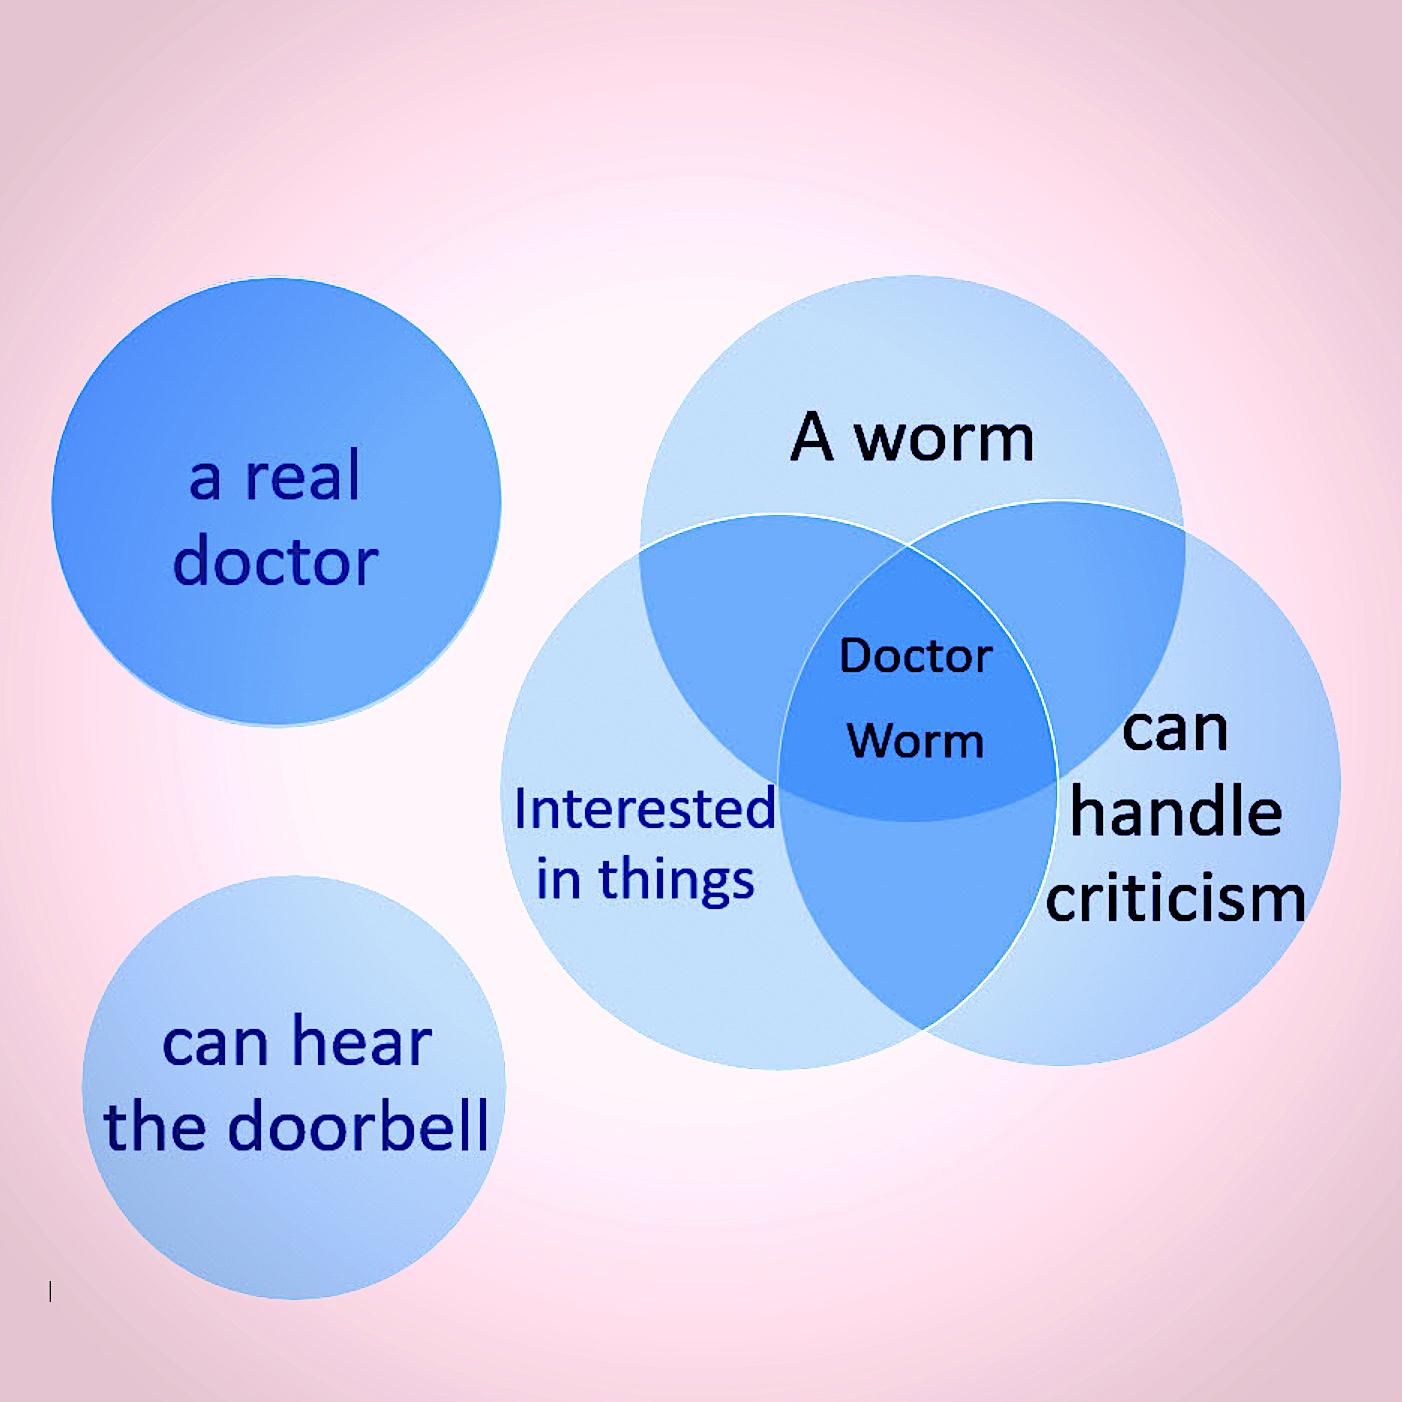 Doctor Worm venn color.jpg